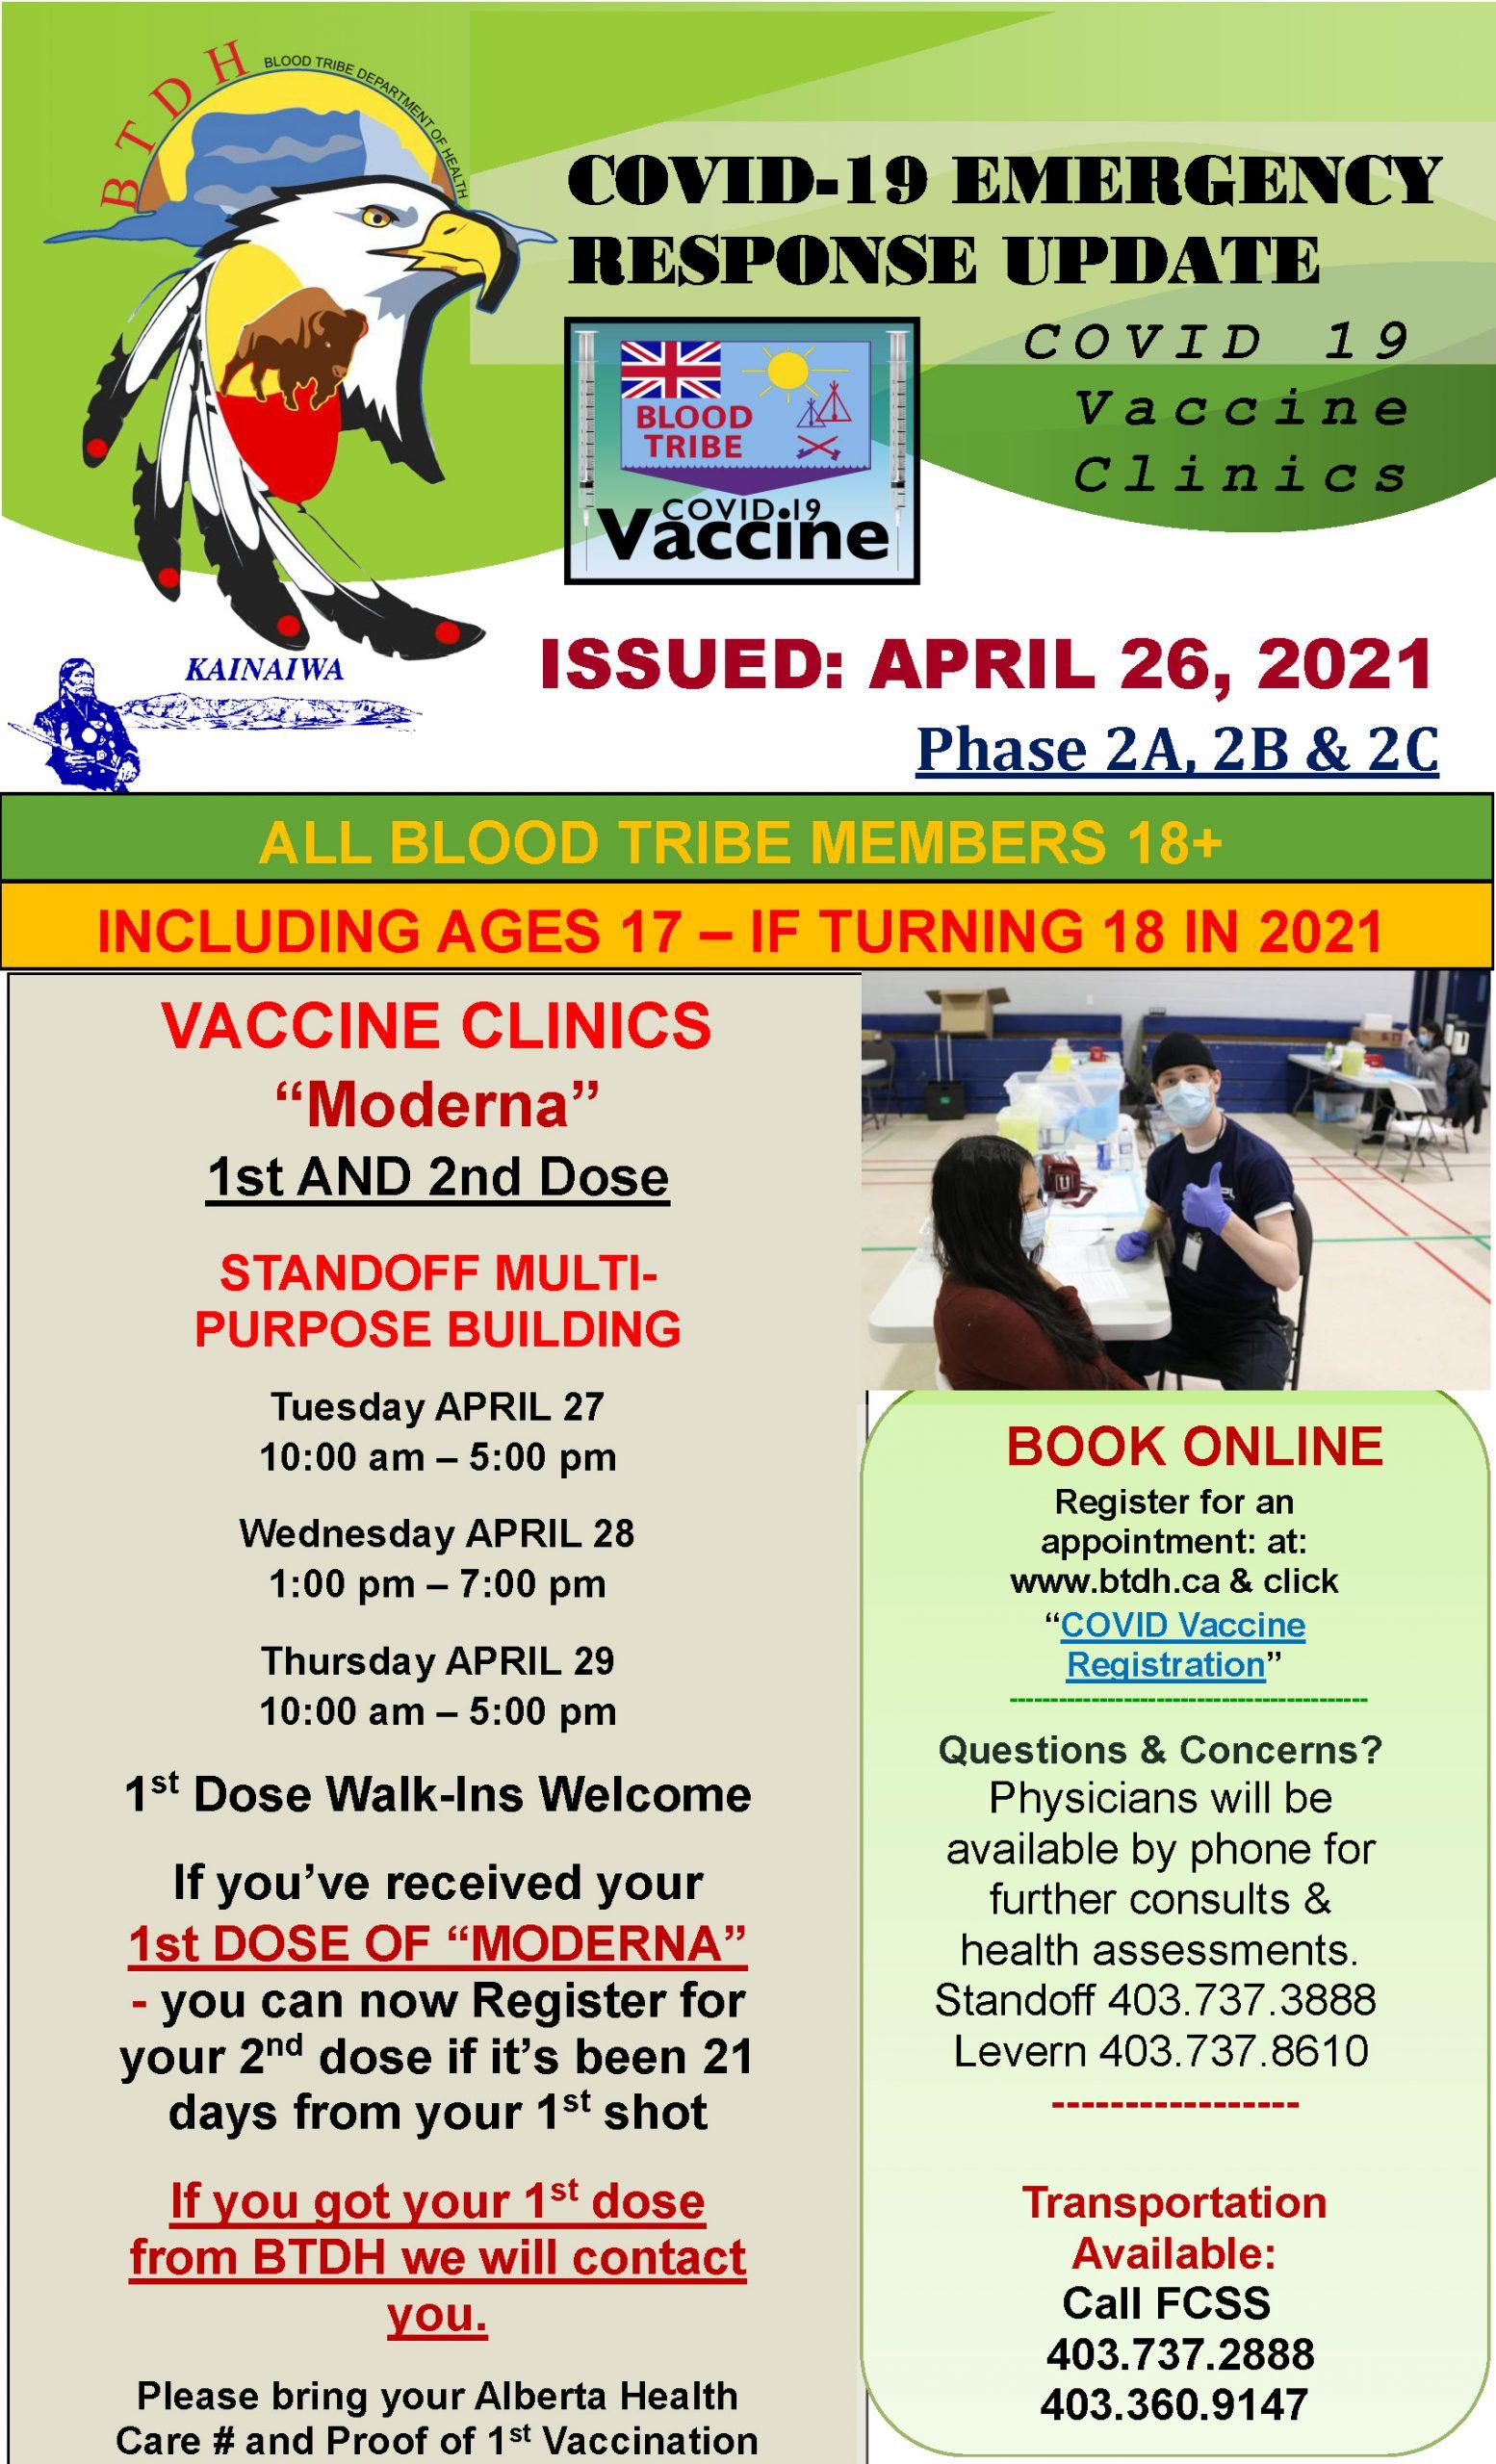 COVID-19 Vaccine Clinic Update - April 26, 2021